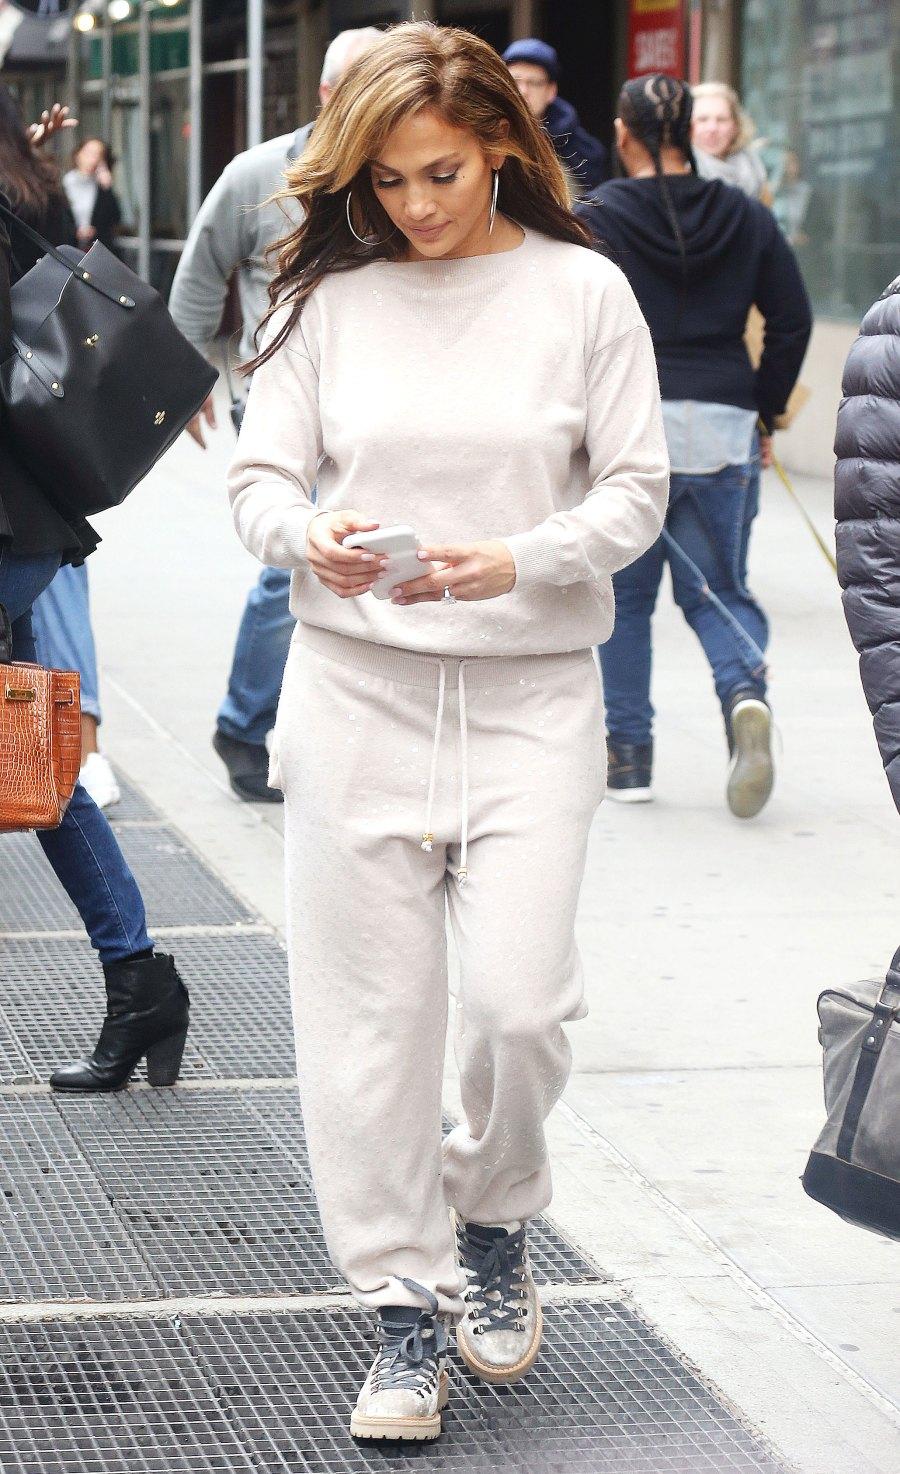 Celebs Wearing Sweats - Jennifer Lopez